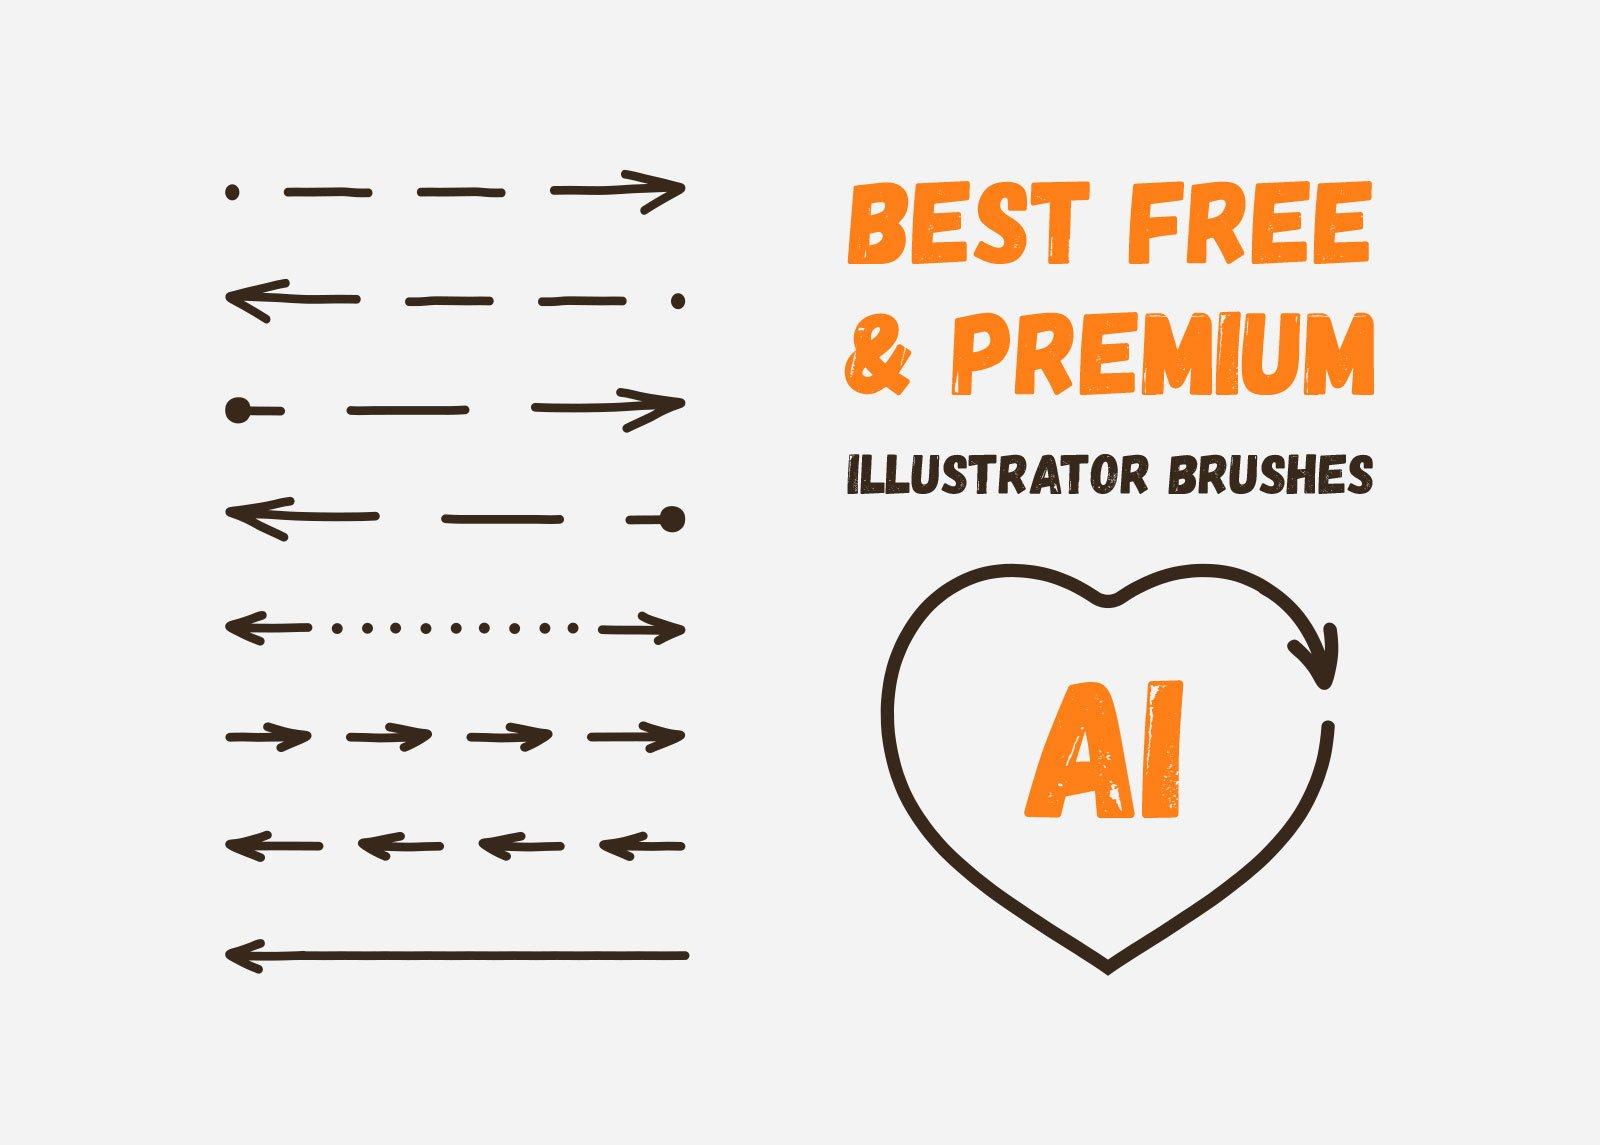 Free & premium Illustrator brushes